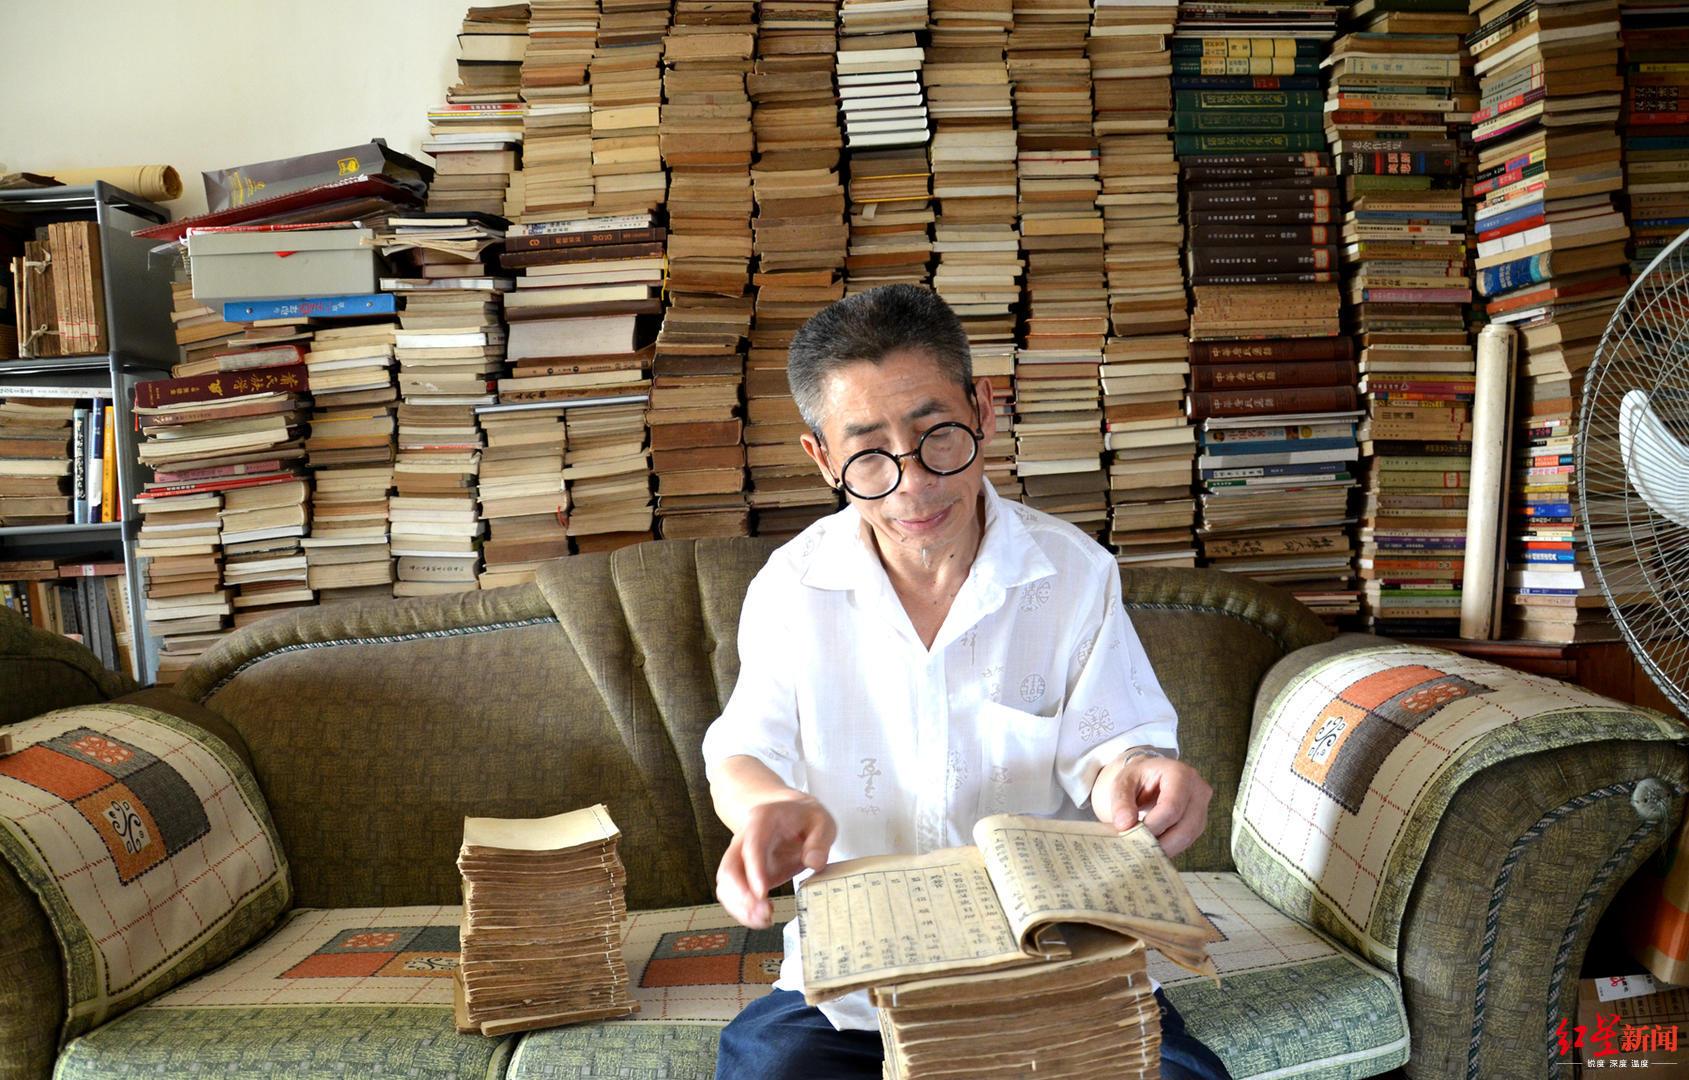 痴迷读书买书 这名环卫工藏书7000册 曾买下清朝木刻本